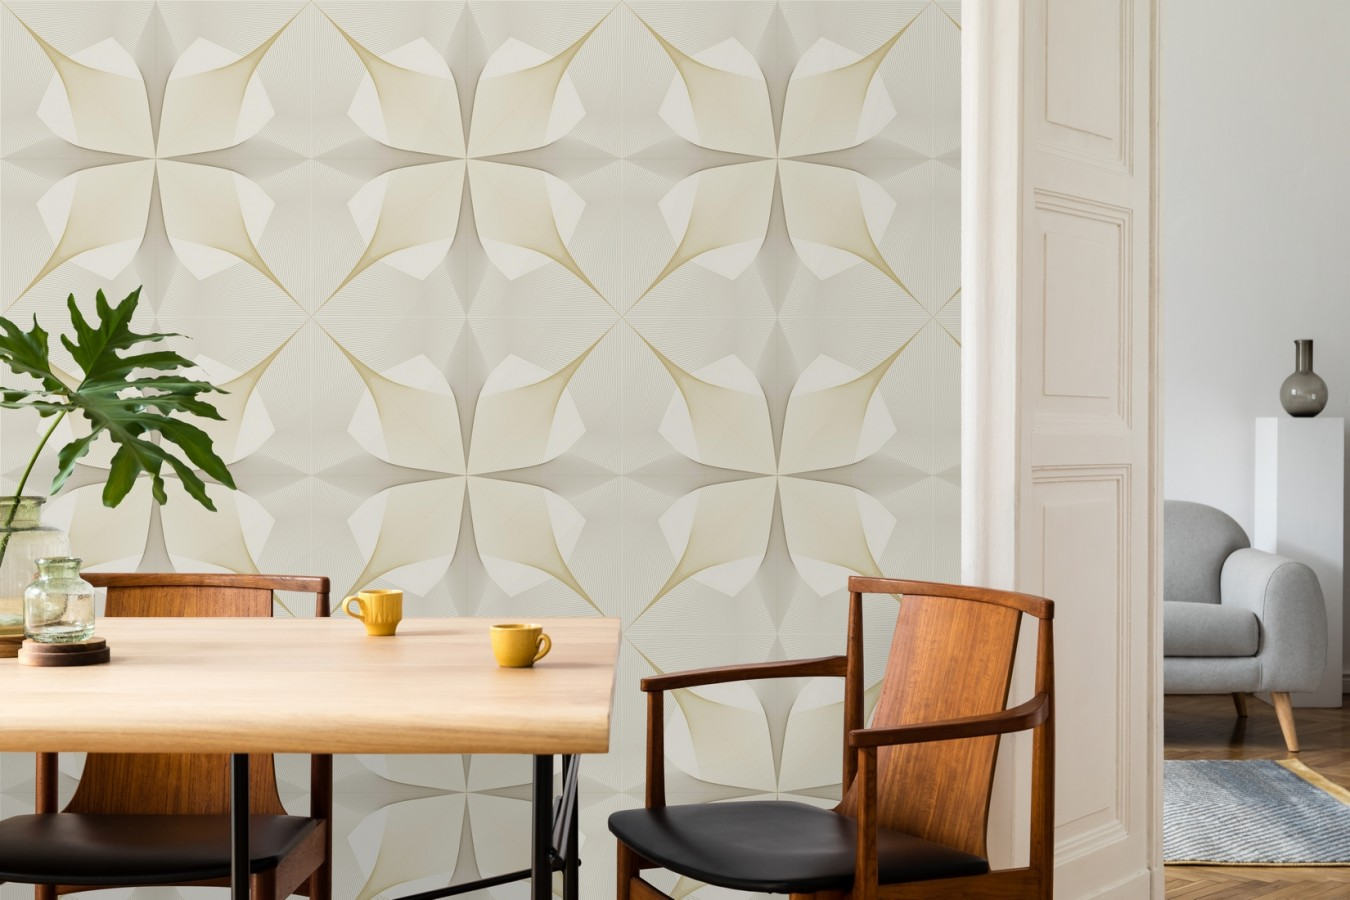 Papel pintado de dibujo fractal tono dorado metalizado fondo blanco roto Edison House 679808